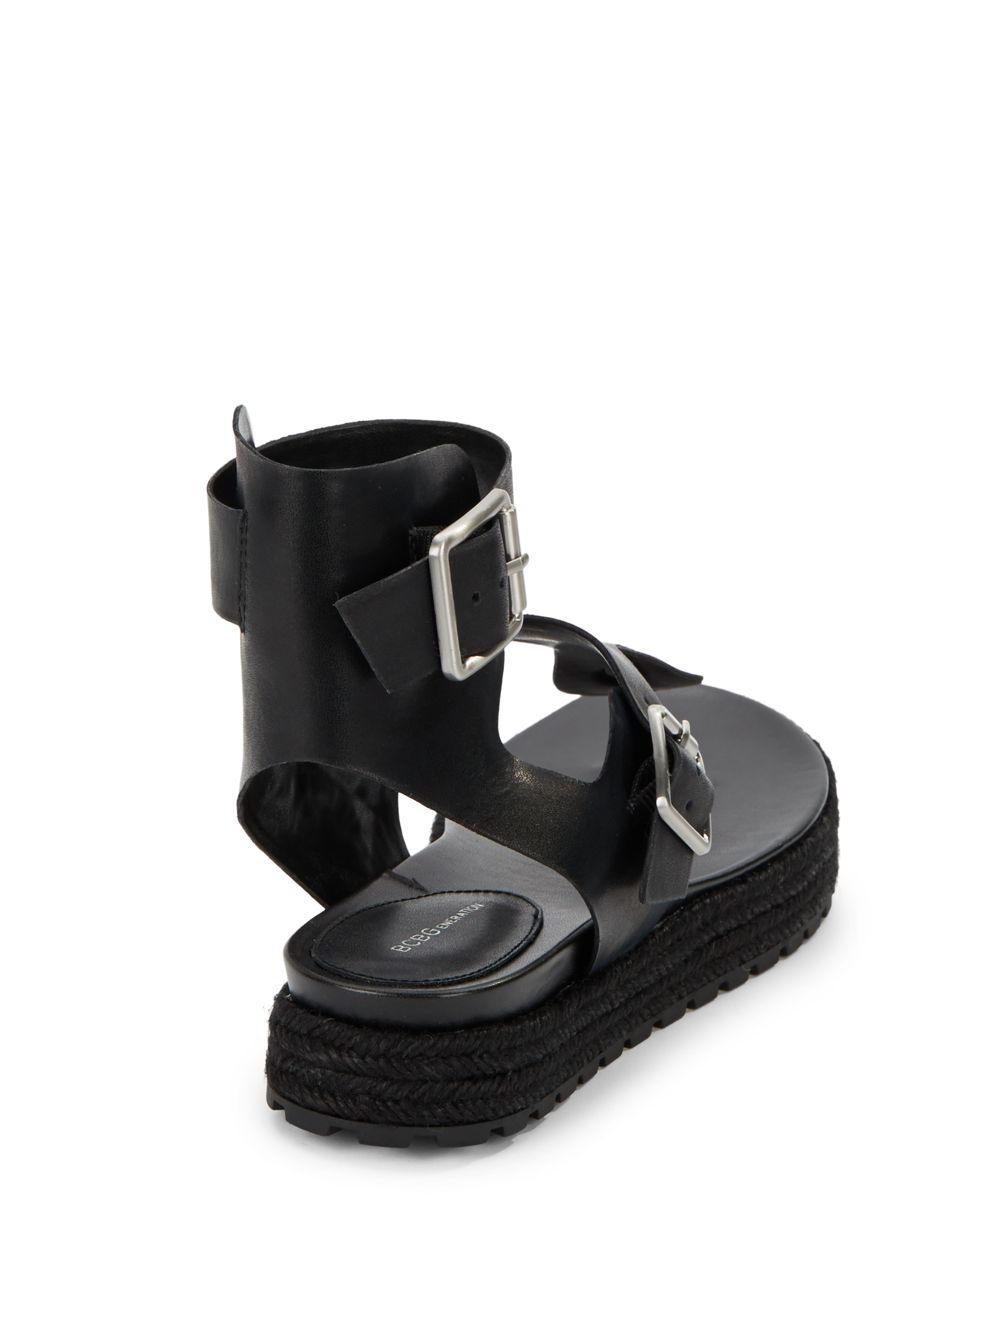 e3b1fcaf48b5 Lyst - BCBGeneration Edmund Leather Platform Thong Sandals in Black